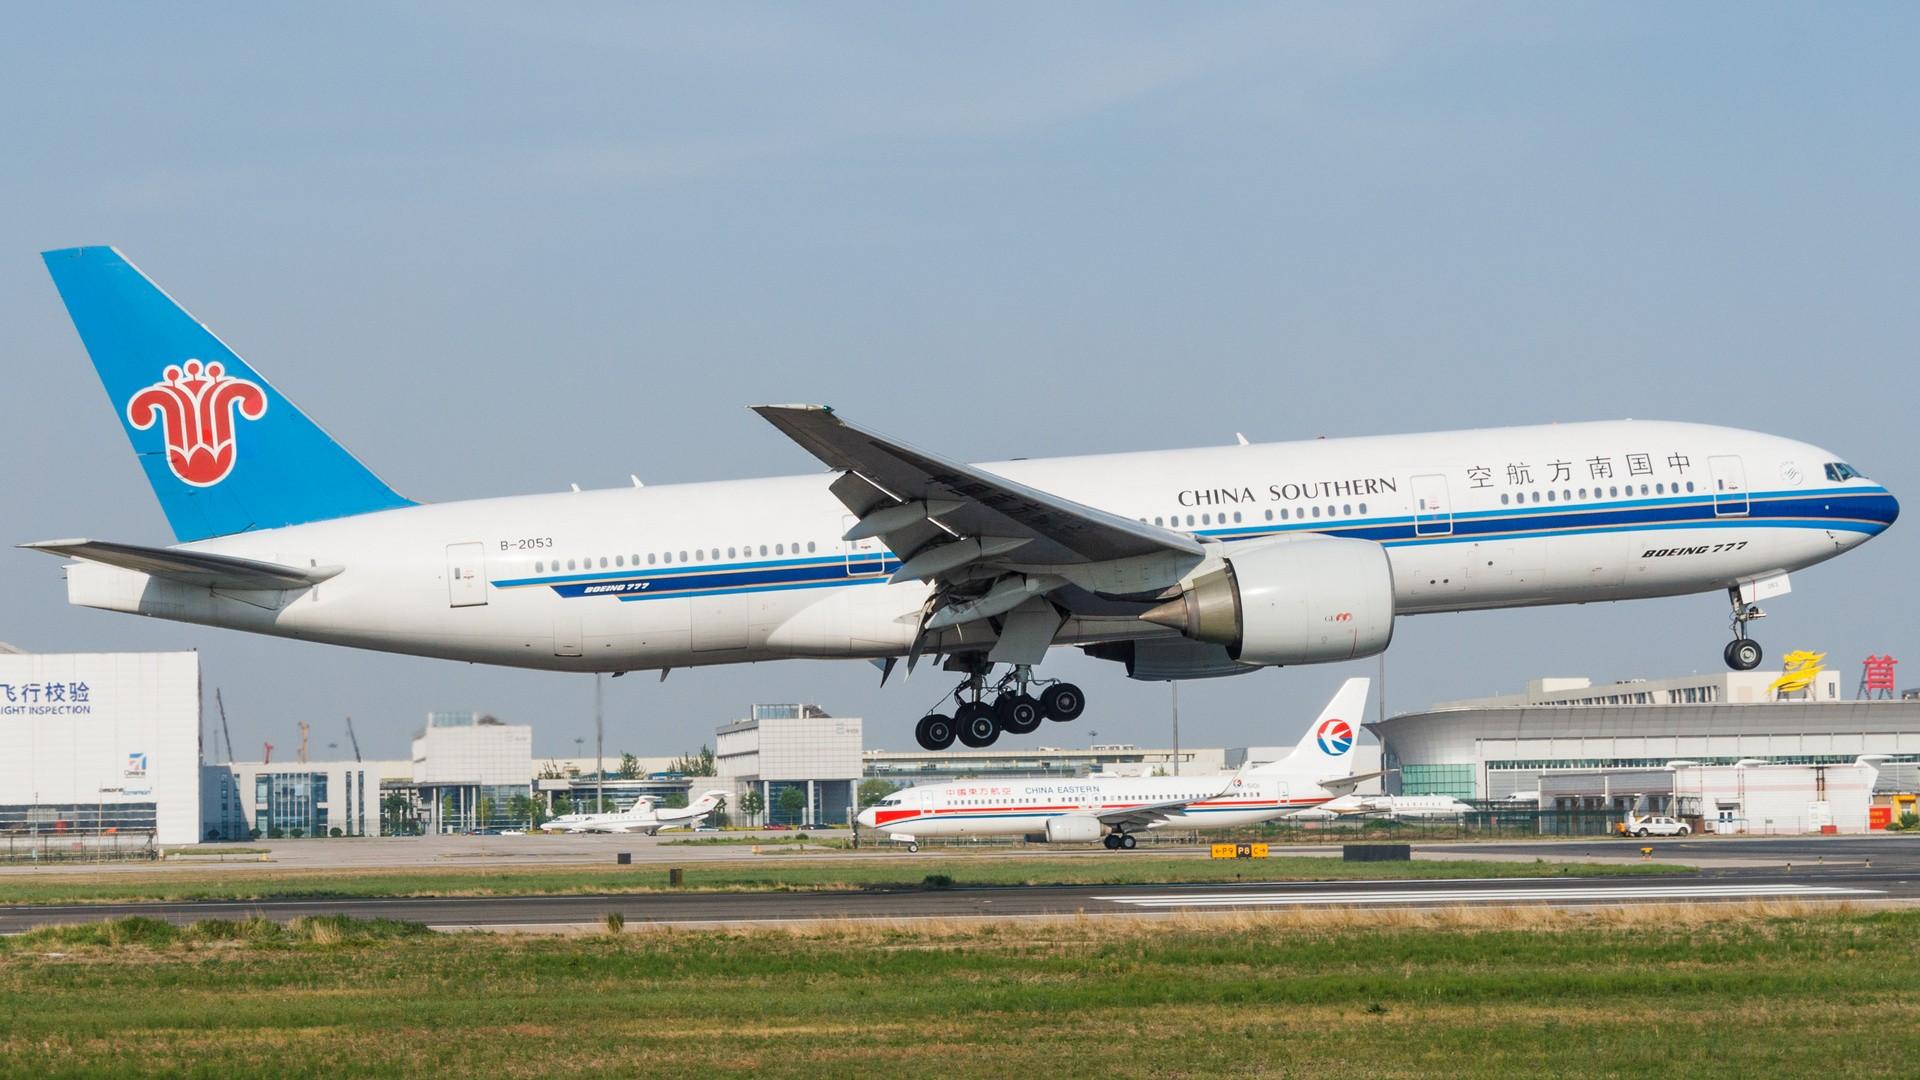 【一图党】【PEK】中国南方航空 B-2053 BOEING 777-200 B-2053 中国北京首都国际机场